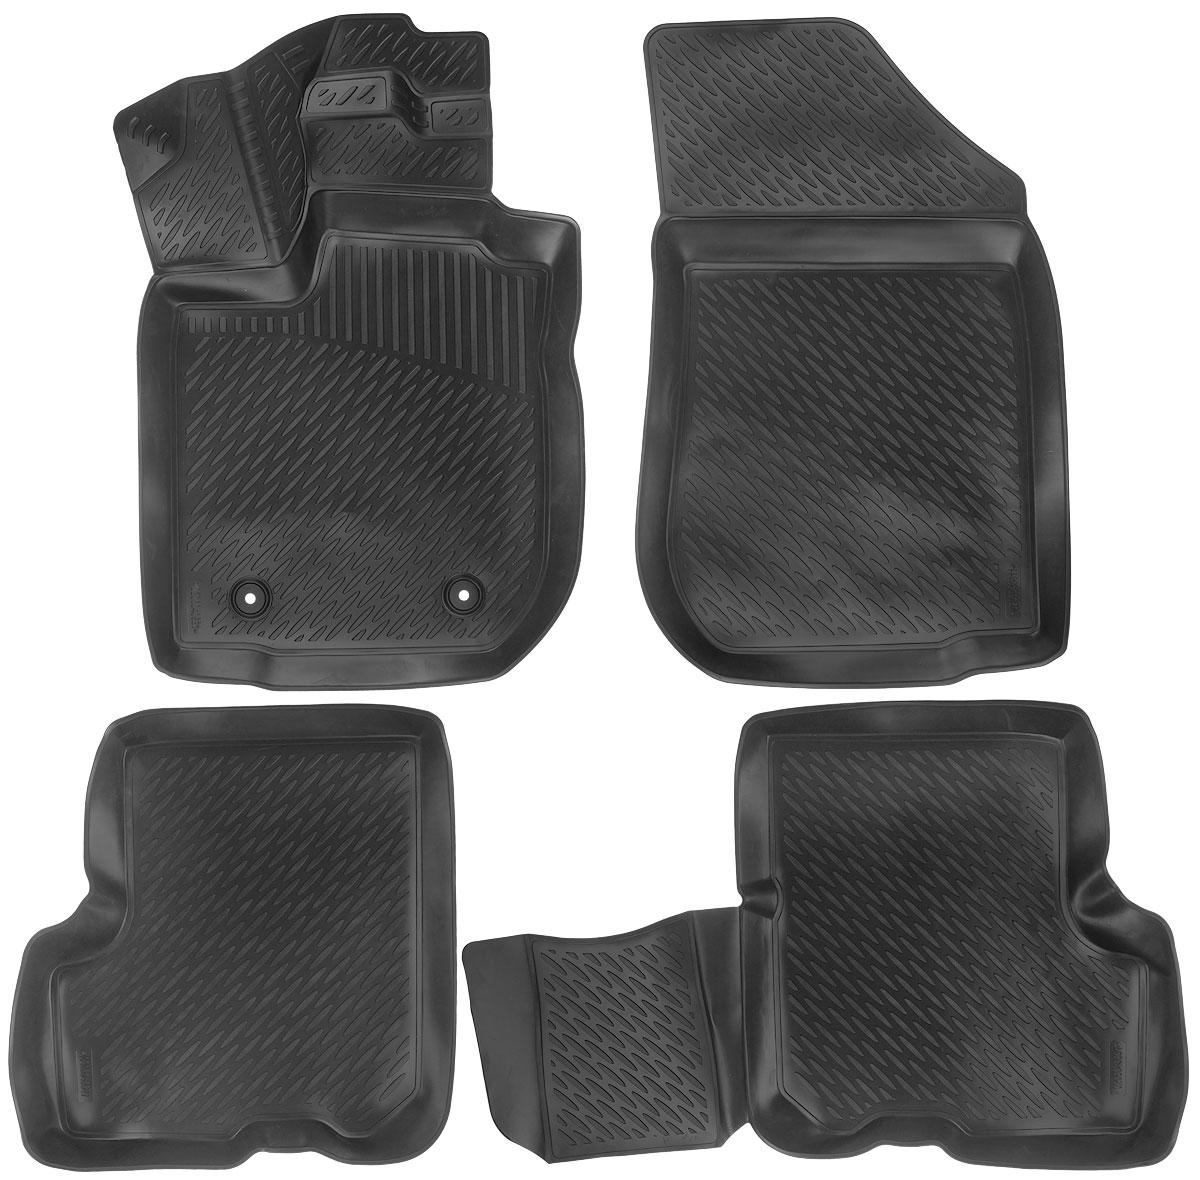 Набор автомобильных ковриков L.Locker Renault Logan 2013, в салон, 4 шт0206040601Набор L.Locker Renault Logan 2013, изготовленный из полиуретана, состоит из 4 антискользящих 3D ковриков, которые производятся индивидуально для каждой модели автомобиля. Изделие точно повторяет геометрию пола автомобиля, имеет высокий борт, обладает повышенной износоустойчивостью, лишено резкого запаха и сохраняет свои потребительские свойства в широком диапазоне температур от -50°С до +50°С. Комплектация: 4 шт. Размер ковриков: 85 см х 54 см; 56,5 см х 60 см; 91 см х 59 см; 56 см х 84,5 см.